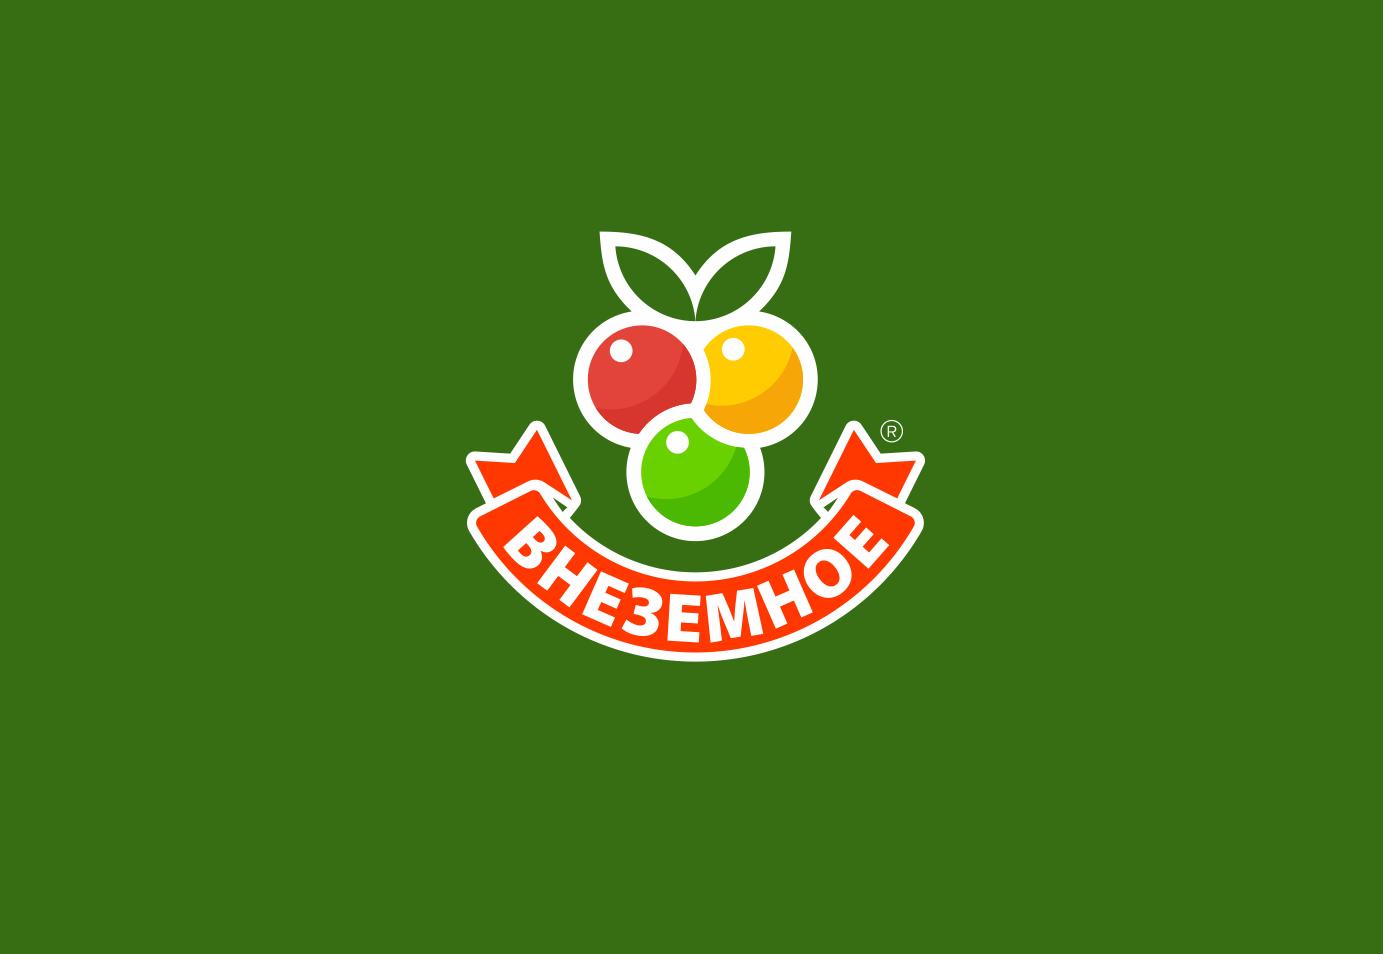 """Логотип и фирменный стиль """"Внеземное"""" фото f_2985e76e7105db17.png"""